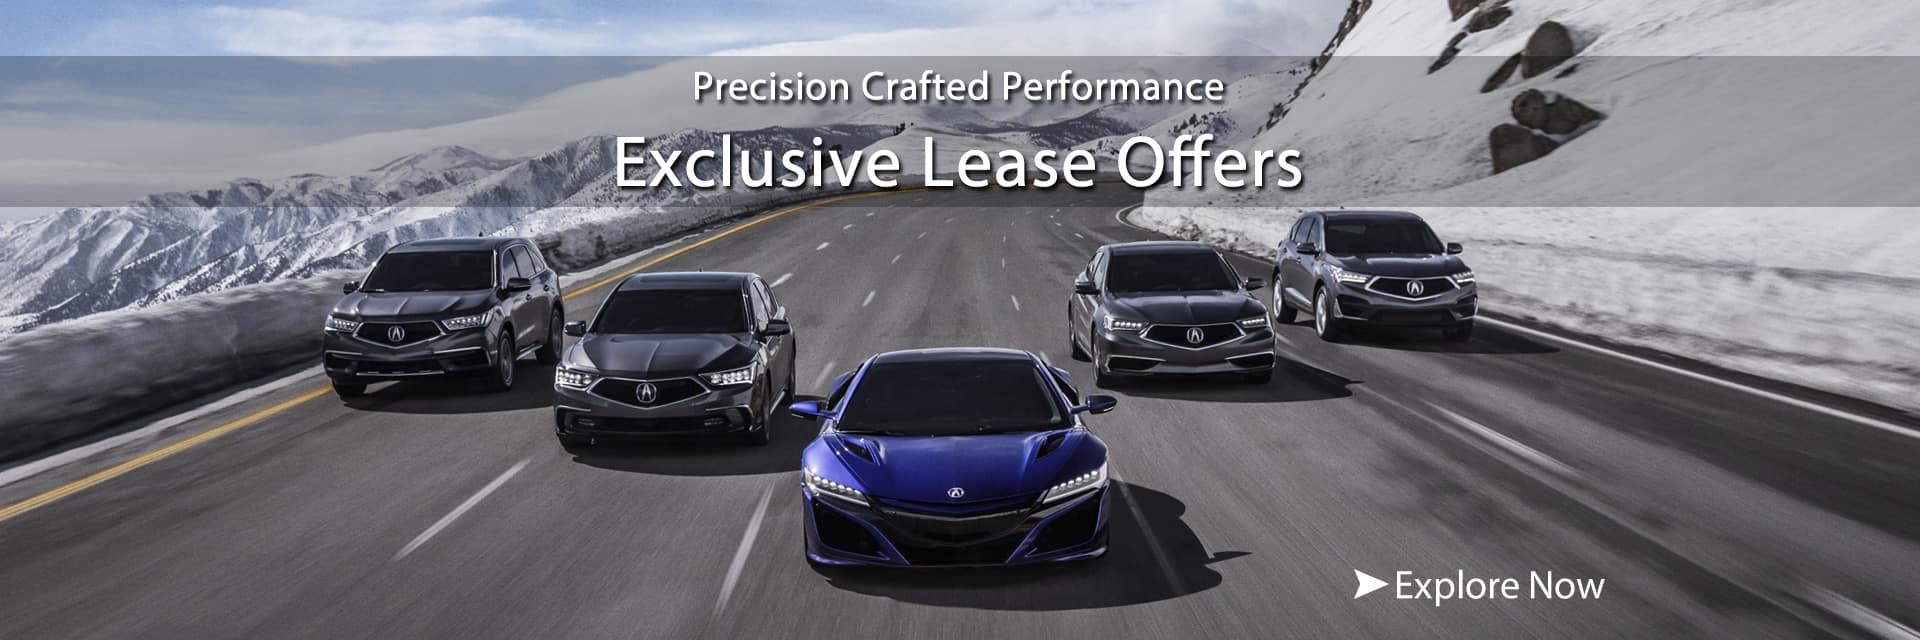 Acura Lease Offers Sunnyside Acura Nashua NH 03063